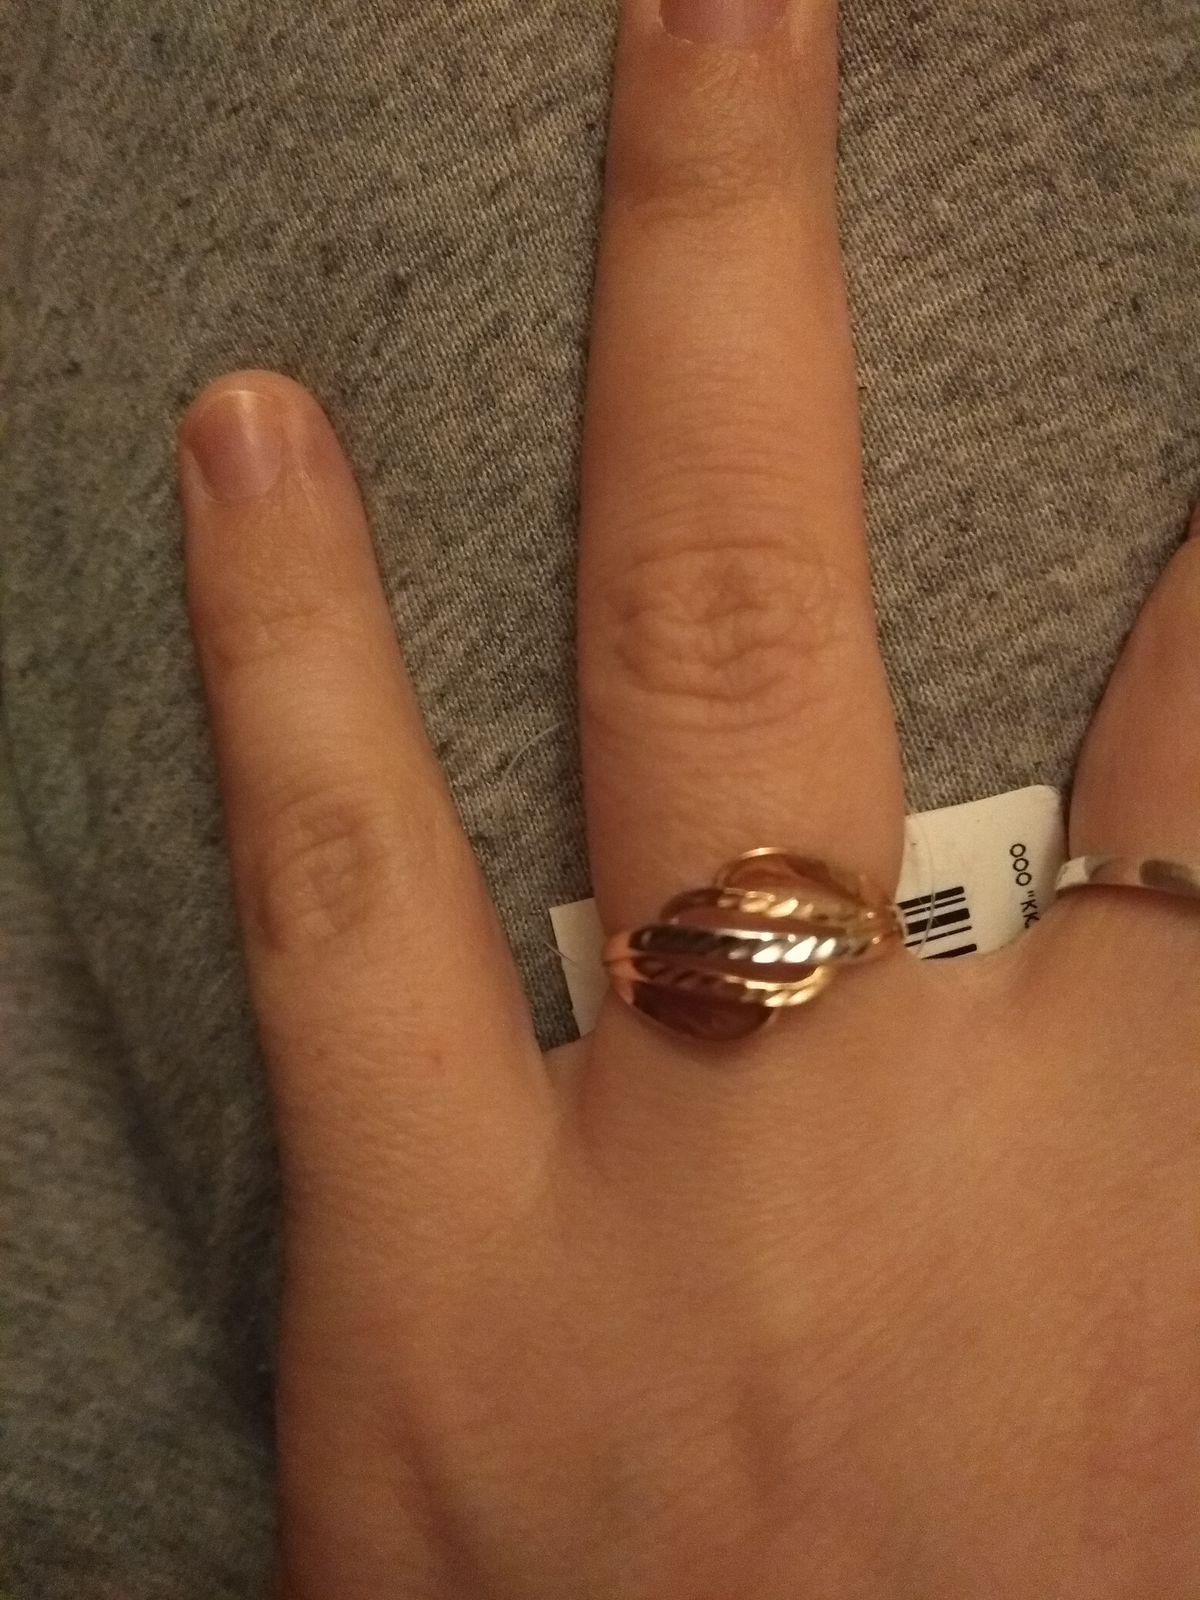 Кольцо красивое,сидит идеально.